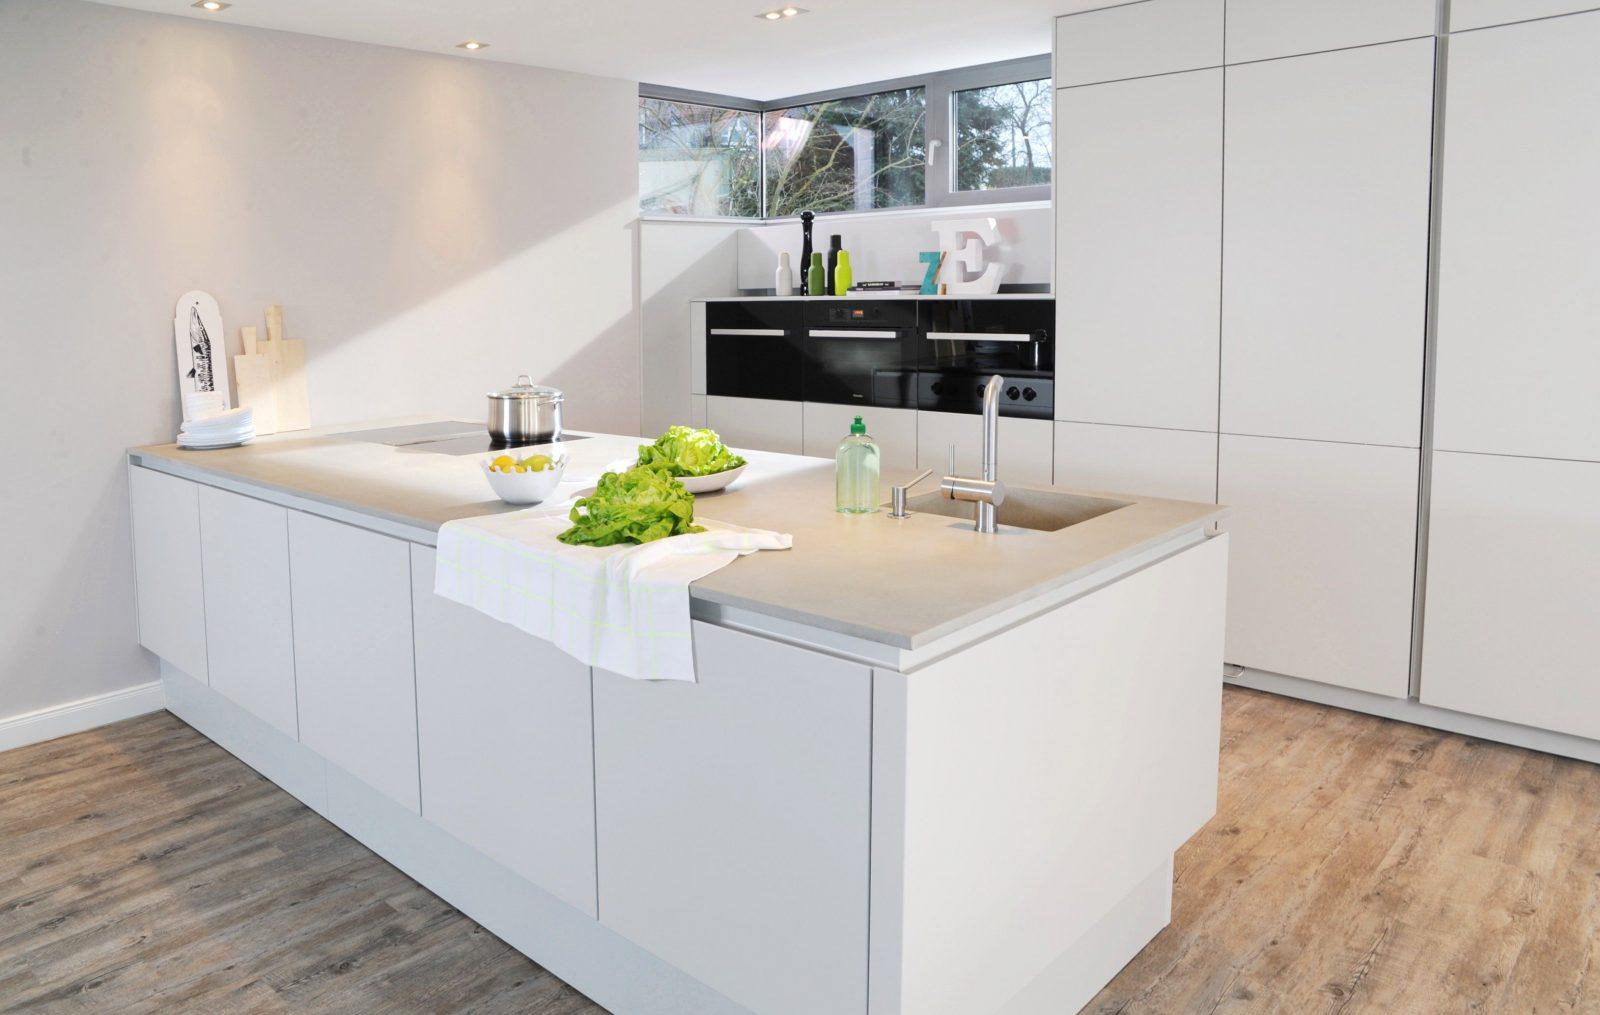 Ikea Küche Beige – Interior Design Ideen Architektur Und von Ikea Küche Veddinge Grau Bild